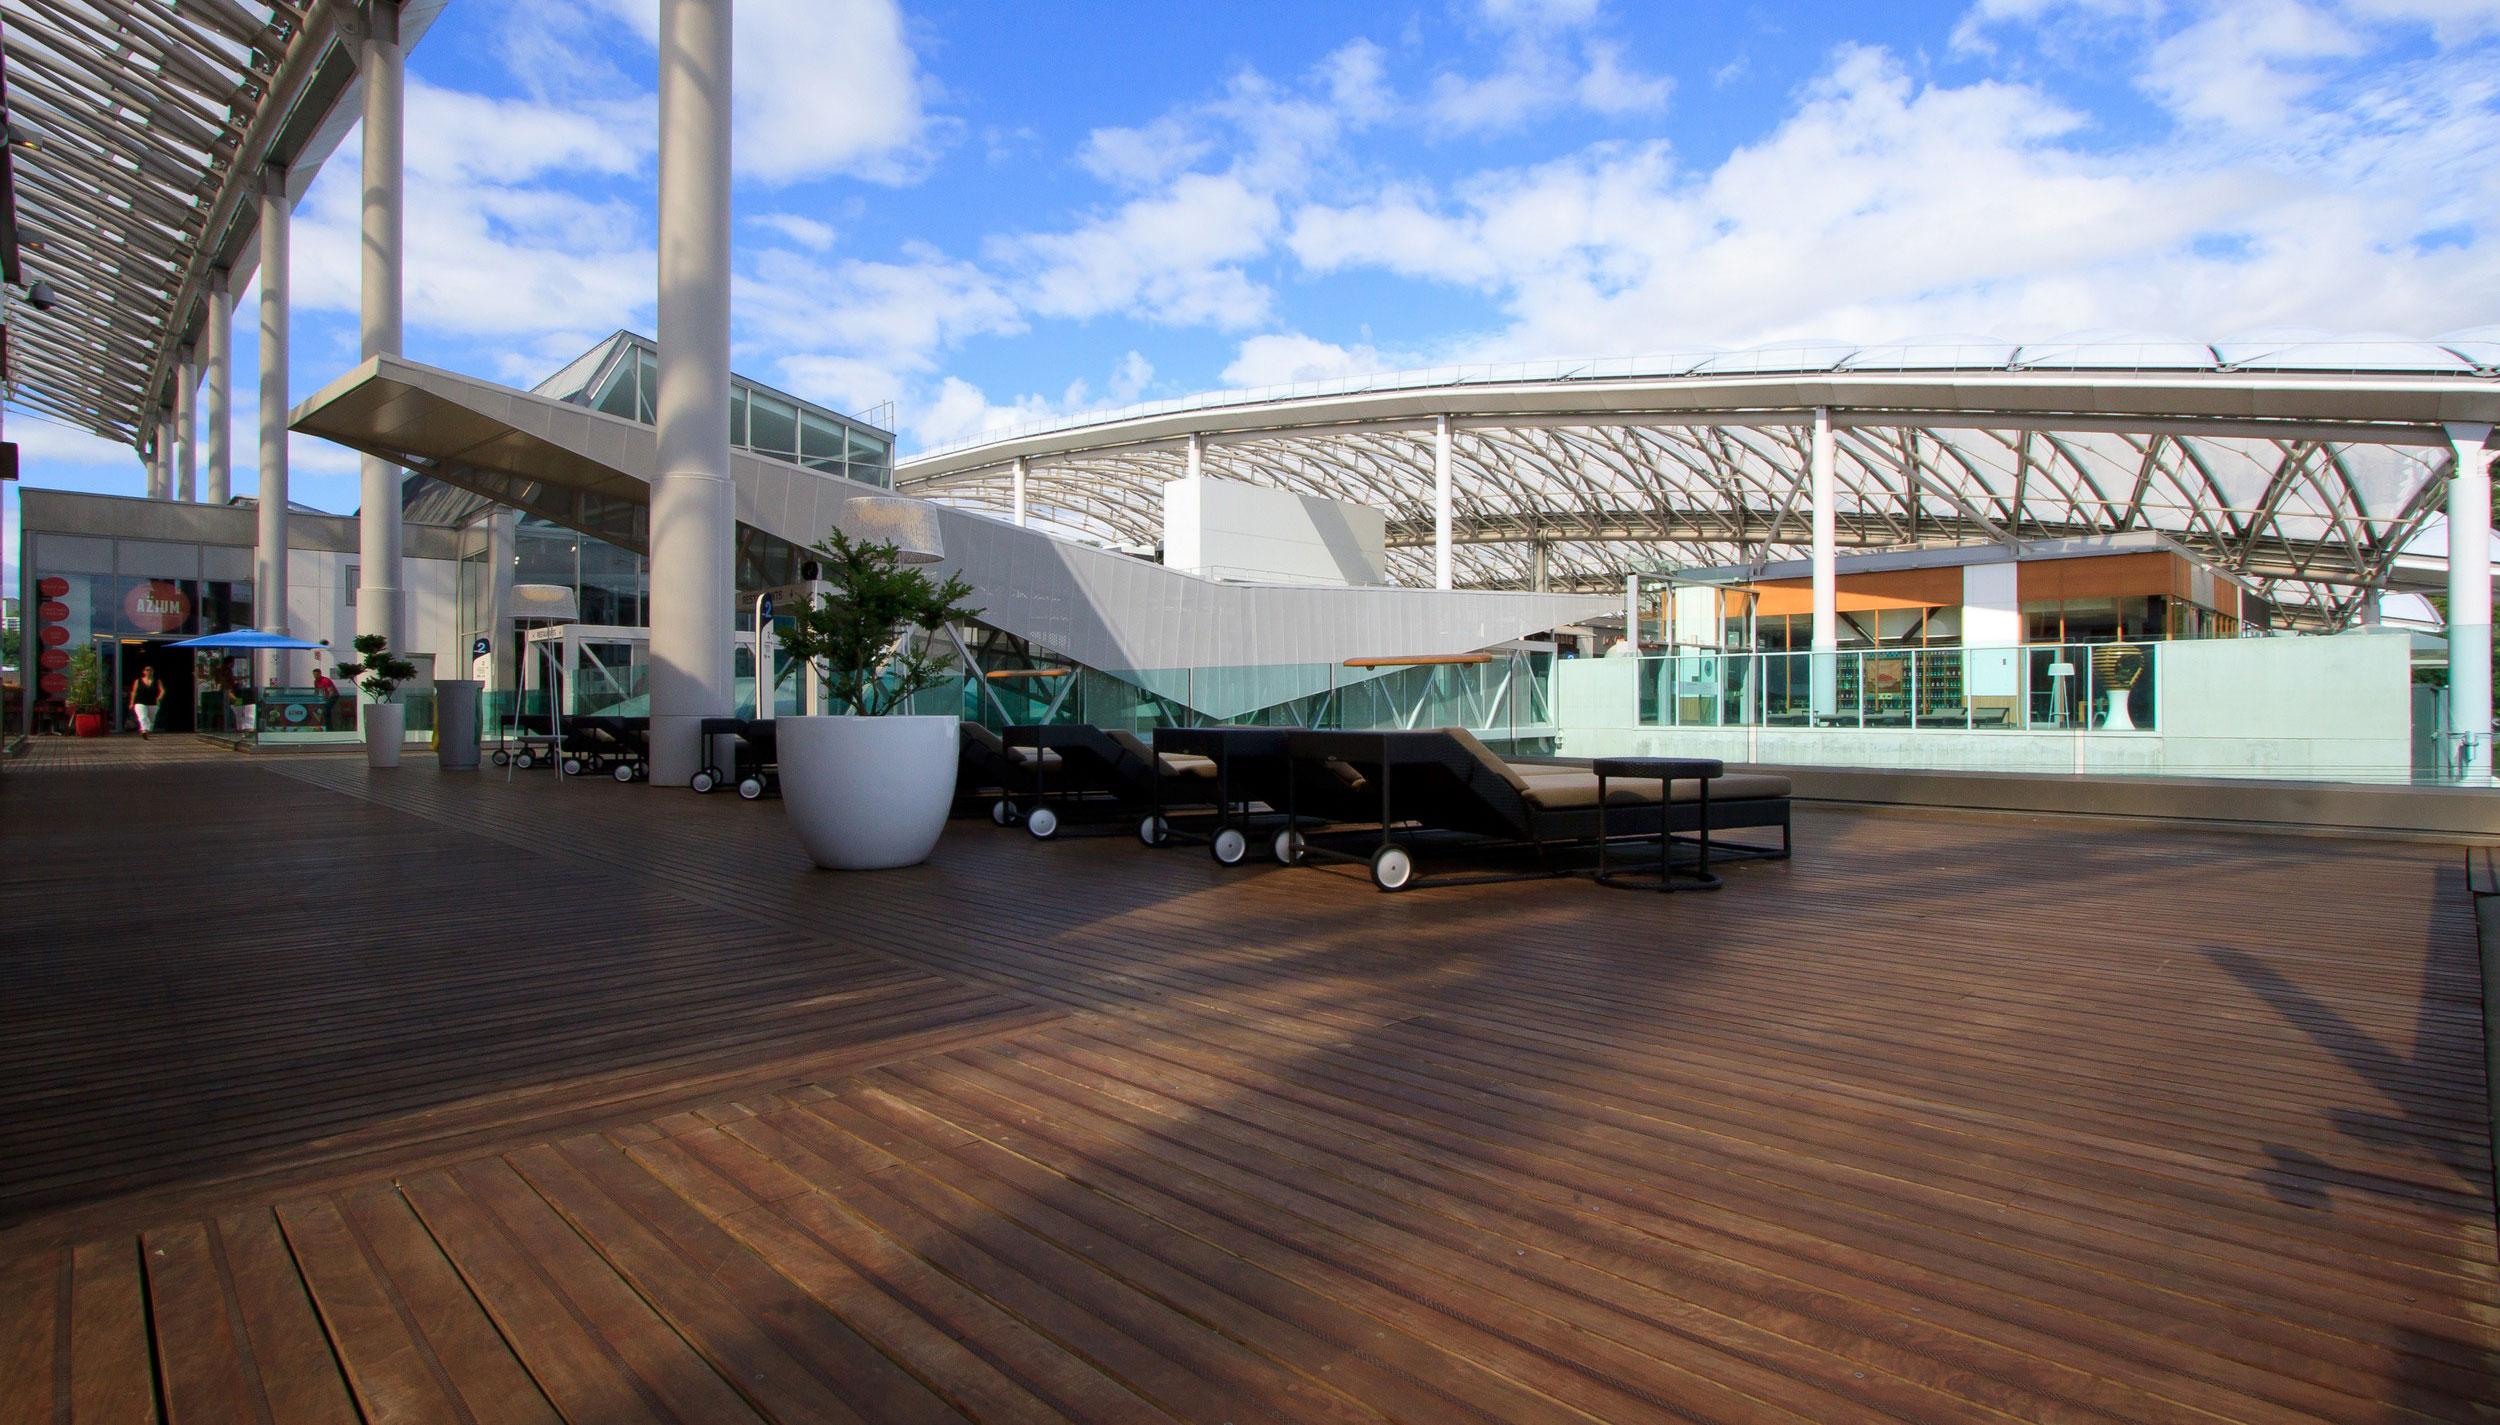 confluence lyon centre commercial parquetsol parquets bois sols souples terrasses. Black Bedroom Furniture Sets. Home Design Ideas